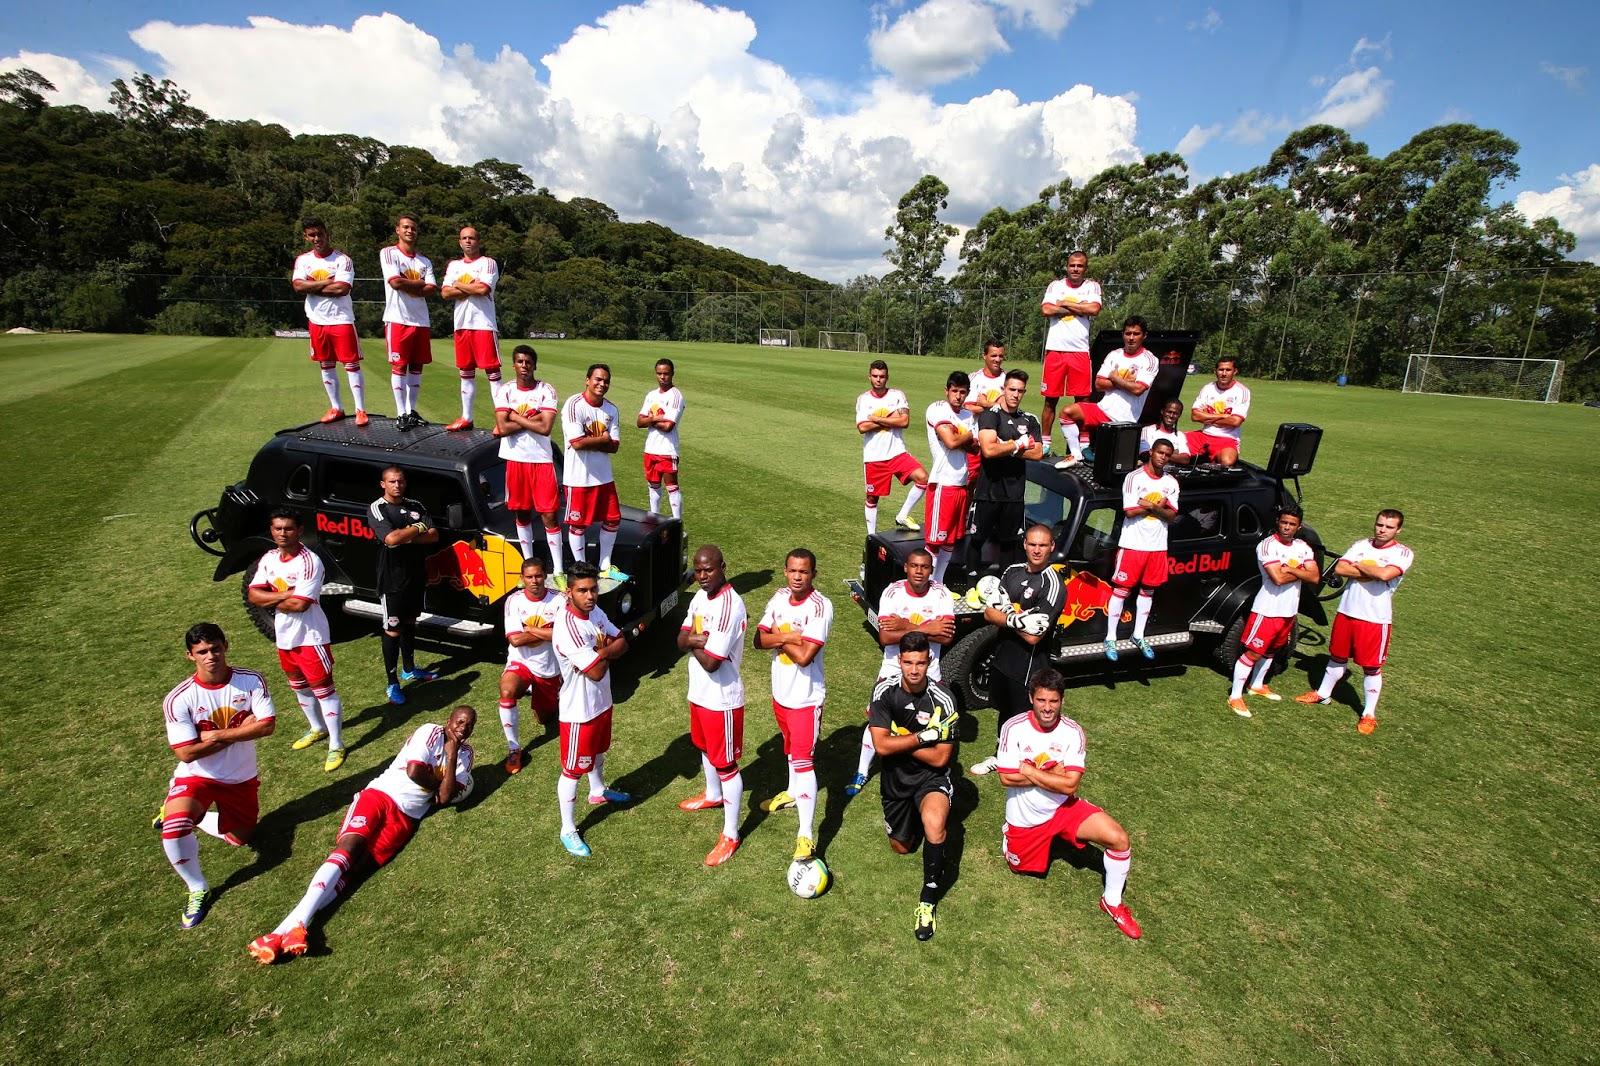 Red Bull Brasil inova e promove seletiva de futebol dentro da comunidade da  Rocinha 52e20a93ce5